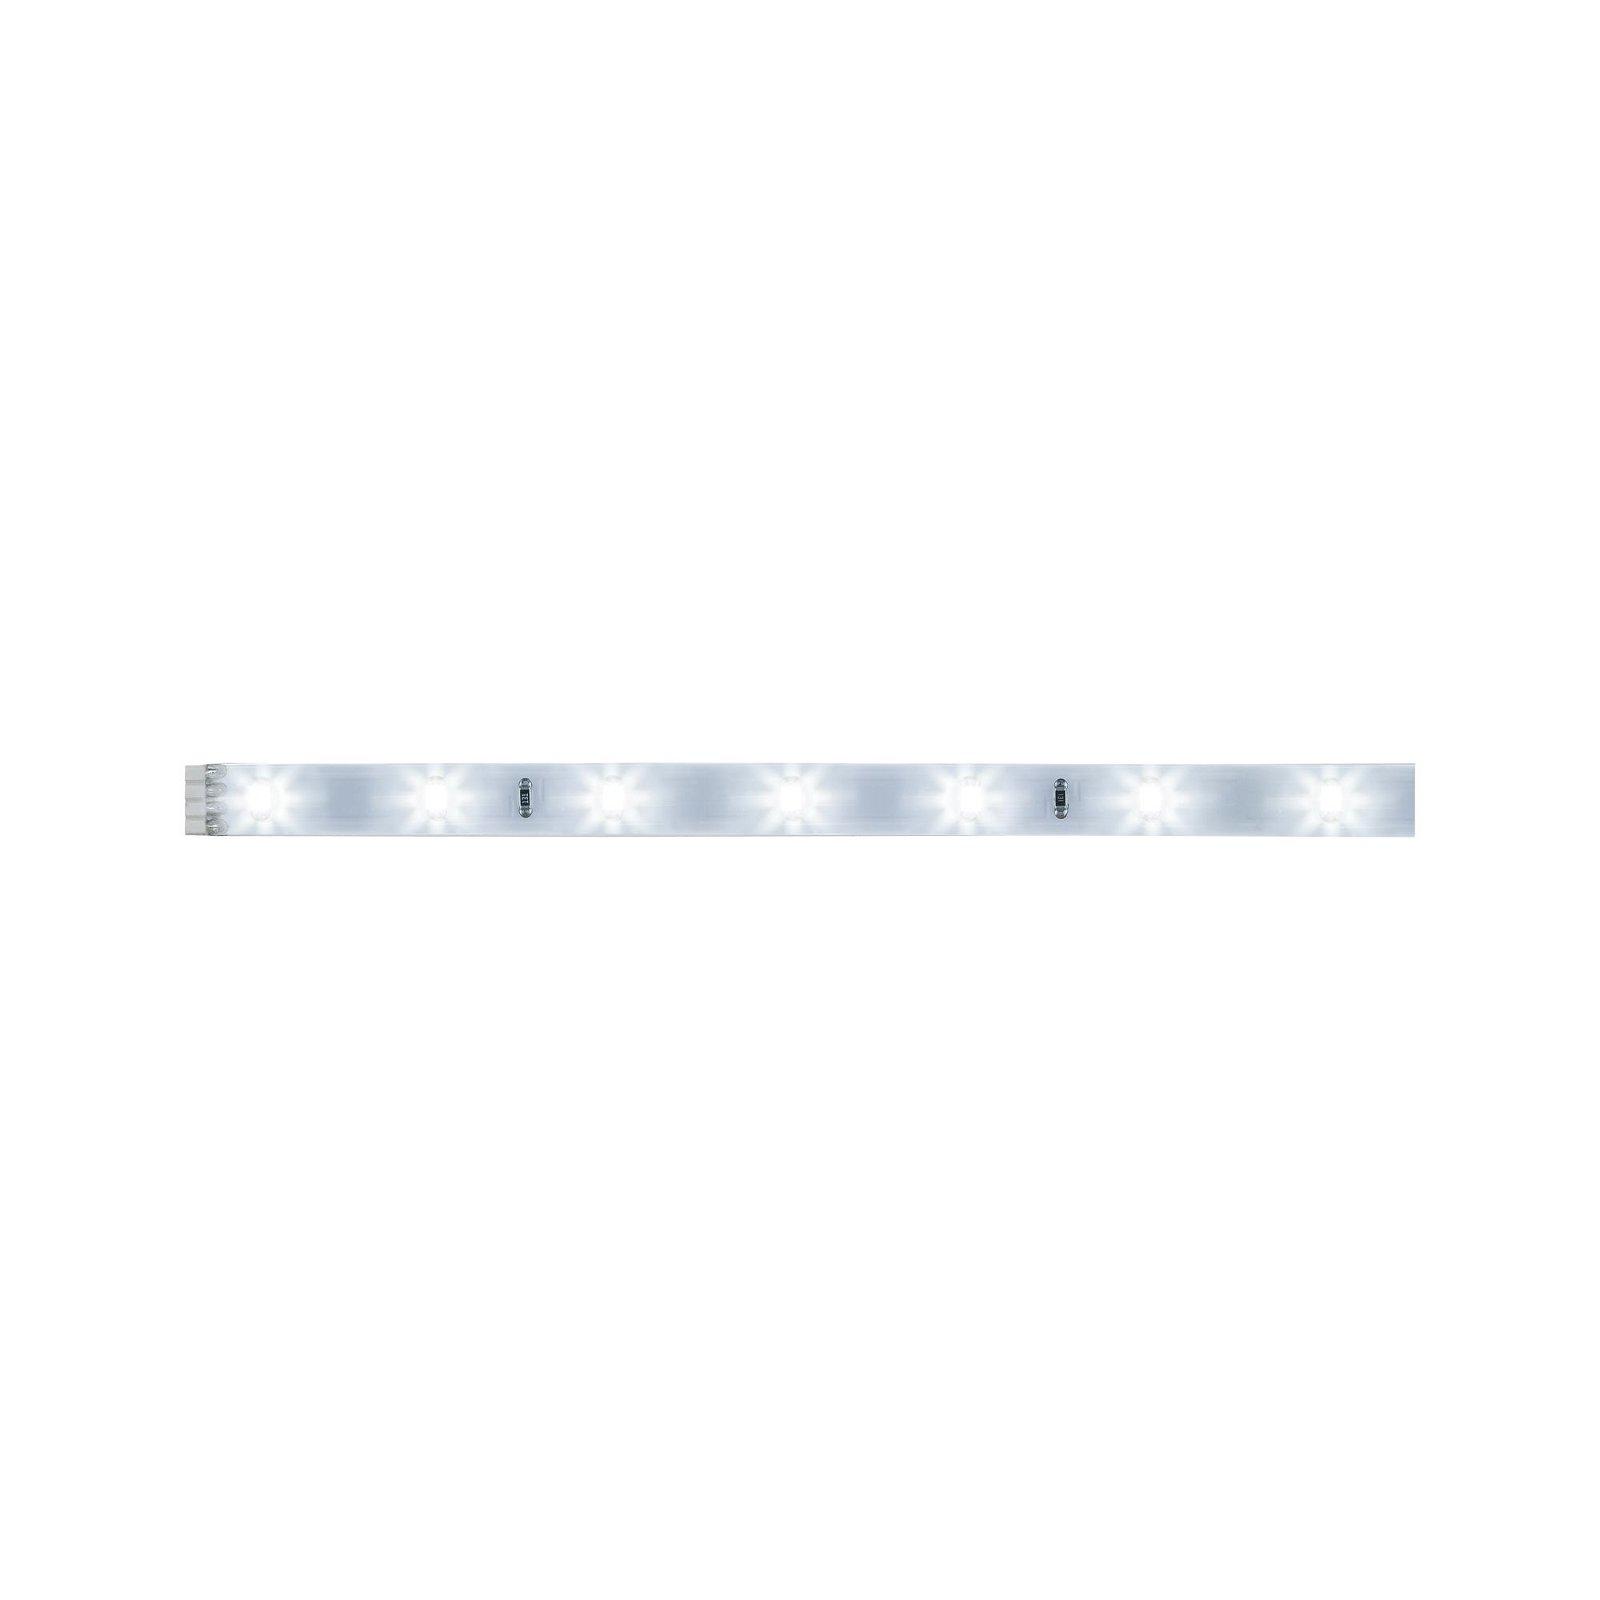 YourLED LED Strip Tageslichtweiß 1m beschichtet IP44 3W 278lm/m 6000K